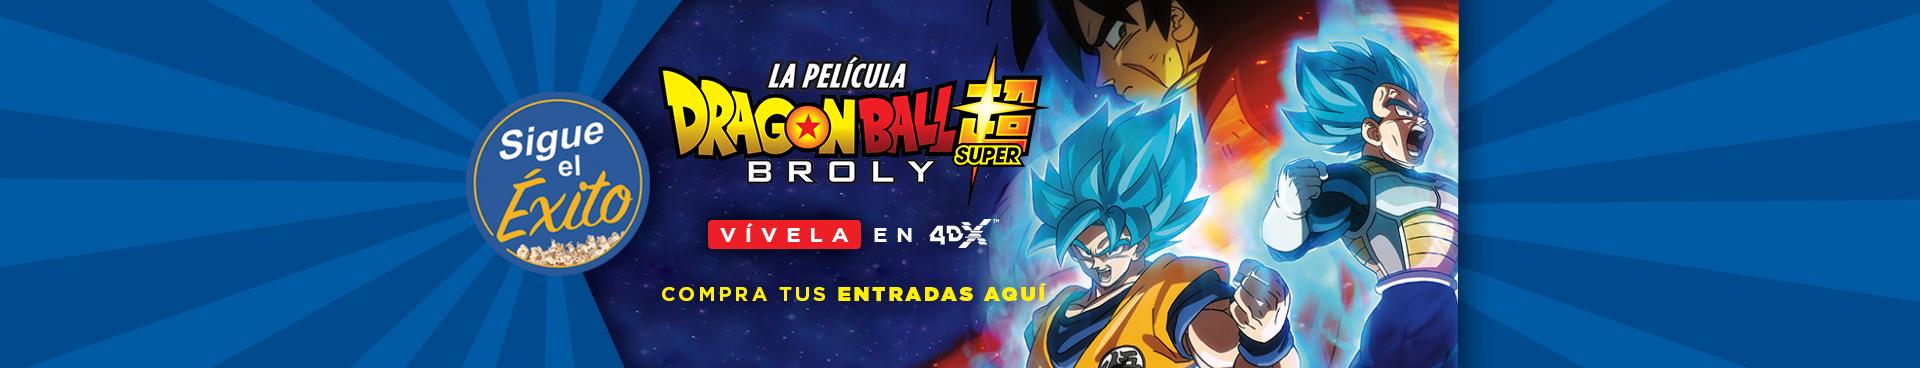 SIGUE EL ÉXITO: DRAGON BALL SUPER: BROLY, VIVELA EN 4DX, COMPRA TUS ENTRADAS AQUÍ